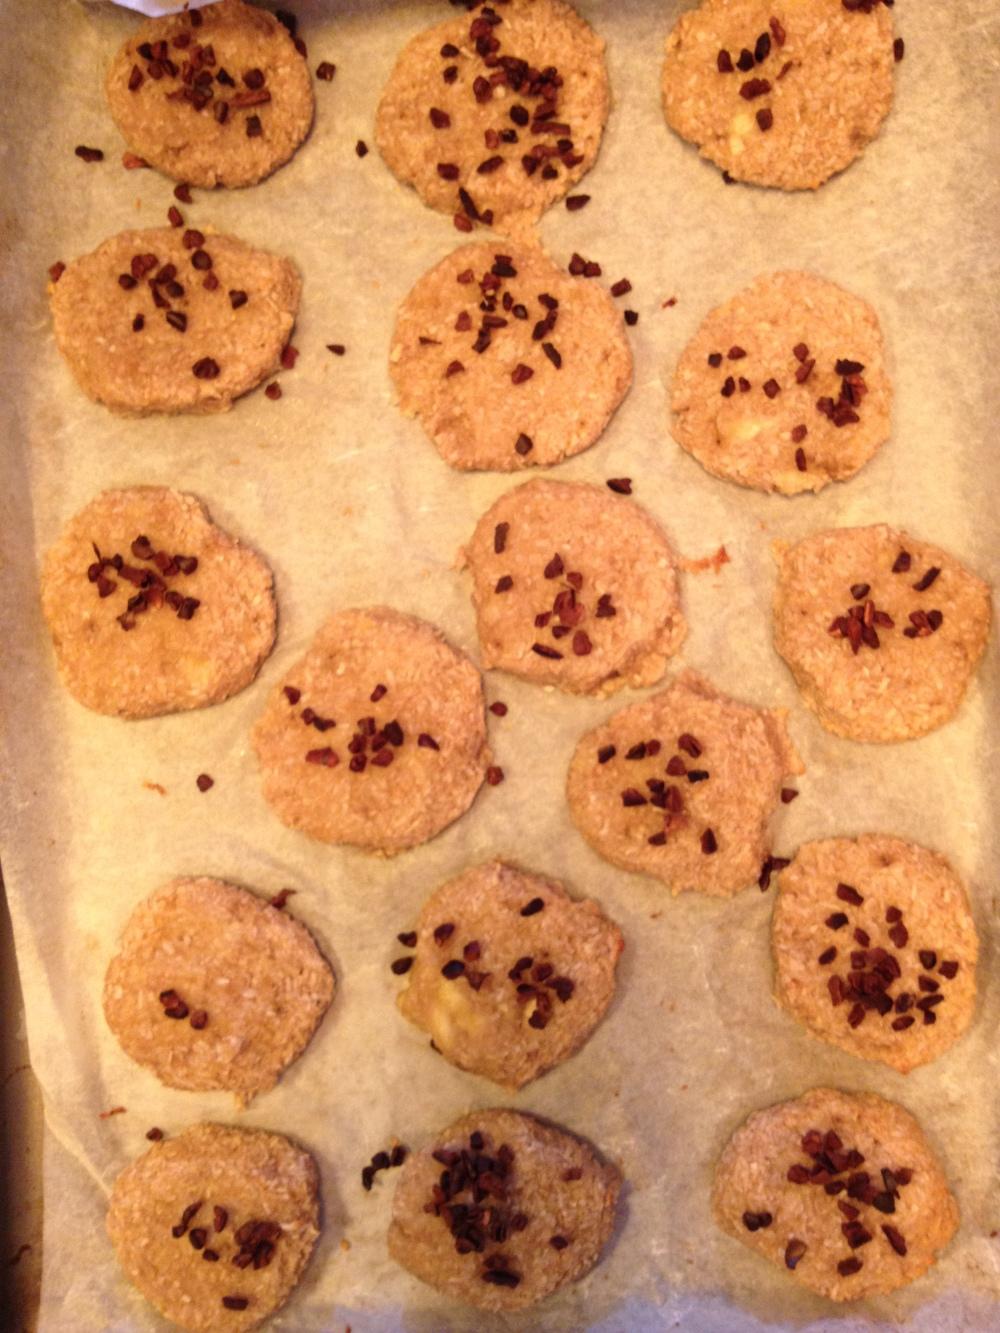 Banana coconut biscuitss